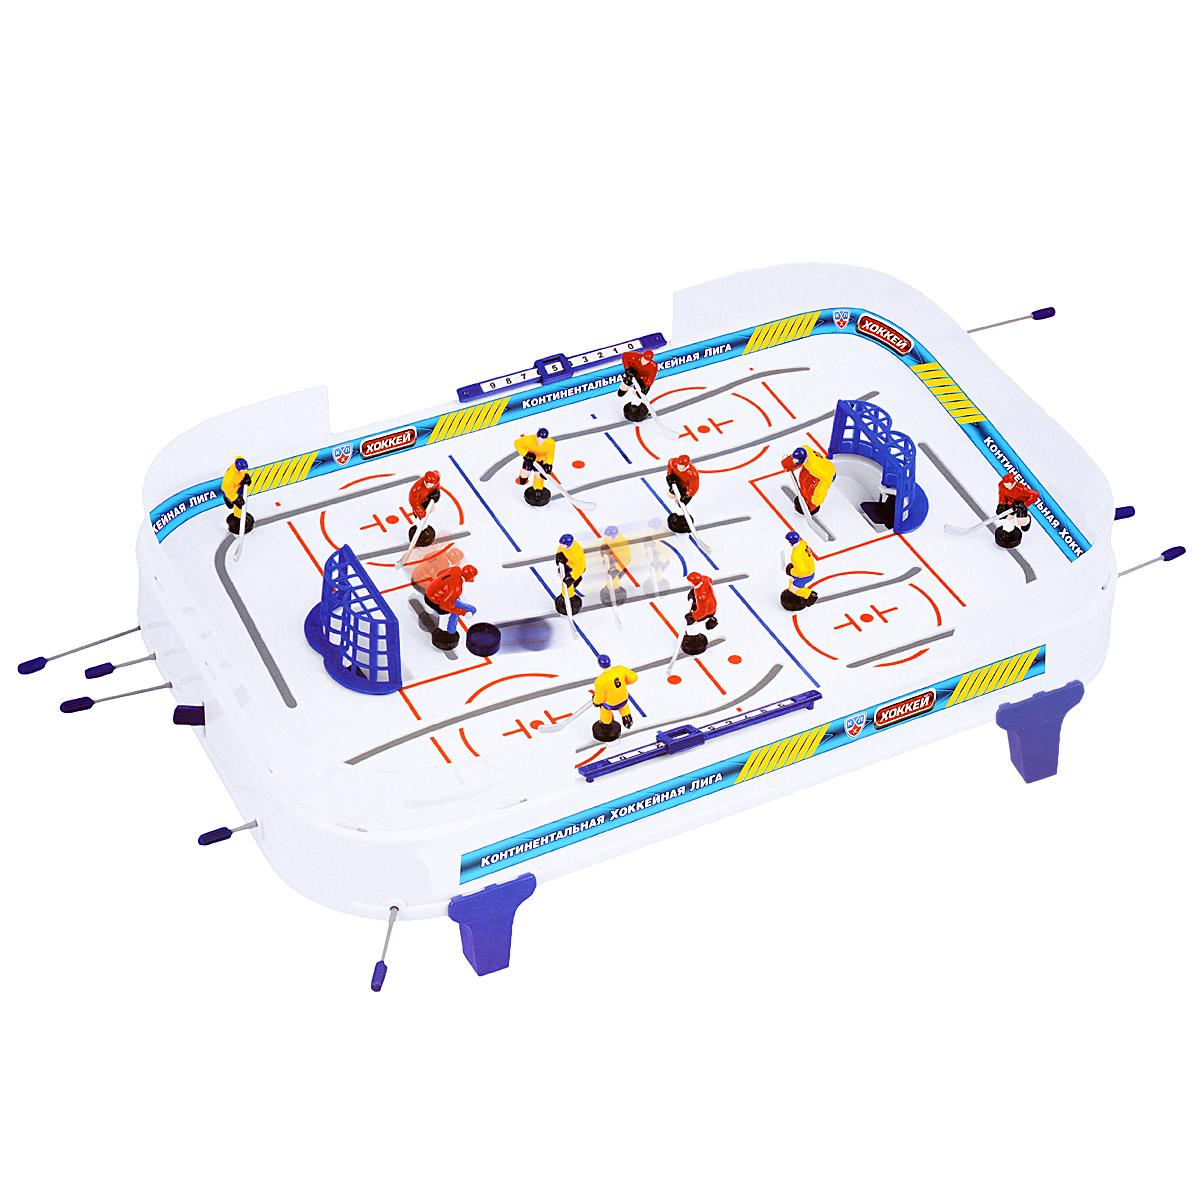 Настольная игра КХЛ Хоккей68200Настольная игра КХЛ Хоккей станет отличным подарком не только ребенку, но и взрослому, любящему спортивные игры. Игра состоит из игрового поля с воротами, на котором располагаются две хоккейные команды по шесть игроков в каждой: вратарь, правый, левый и центральный нападающие и два защитника, шайбы. Игровое поле обрамлено барьером и может устанавливаться на специальные ножки. Игроки с помощью рукояток управляют фигурками хоккеистов, установленными на стержнях, стремясь забить шайбу в ворота противника. Игра вырабатывает быстроту реакции, меткость и точность движений и предназначена для игры в домашних, школьных и клубных условиях.